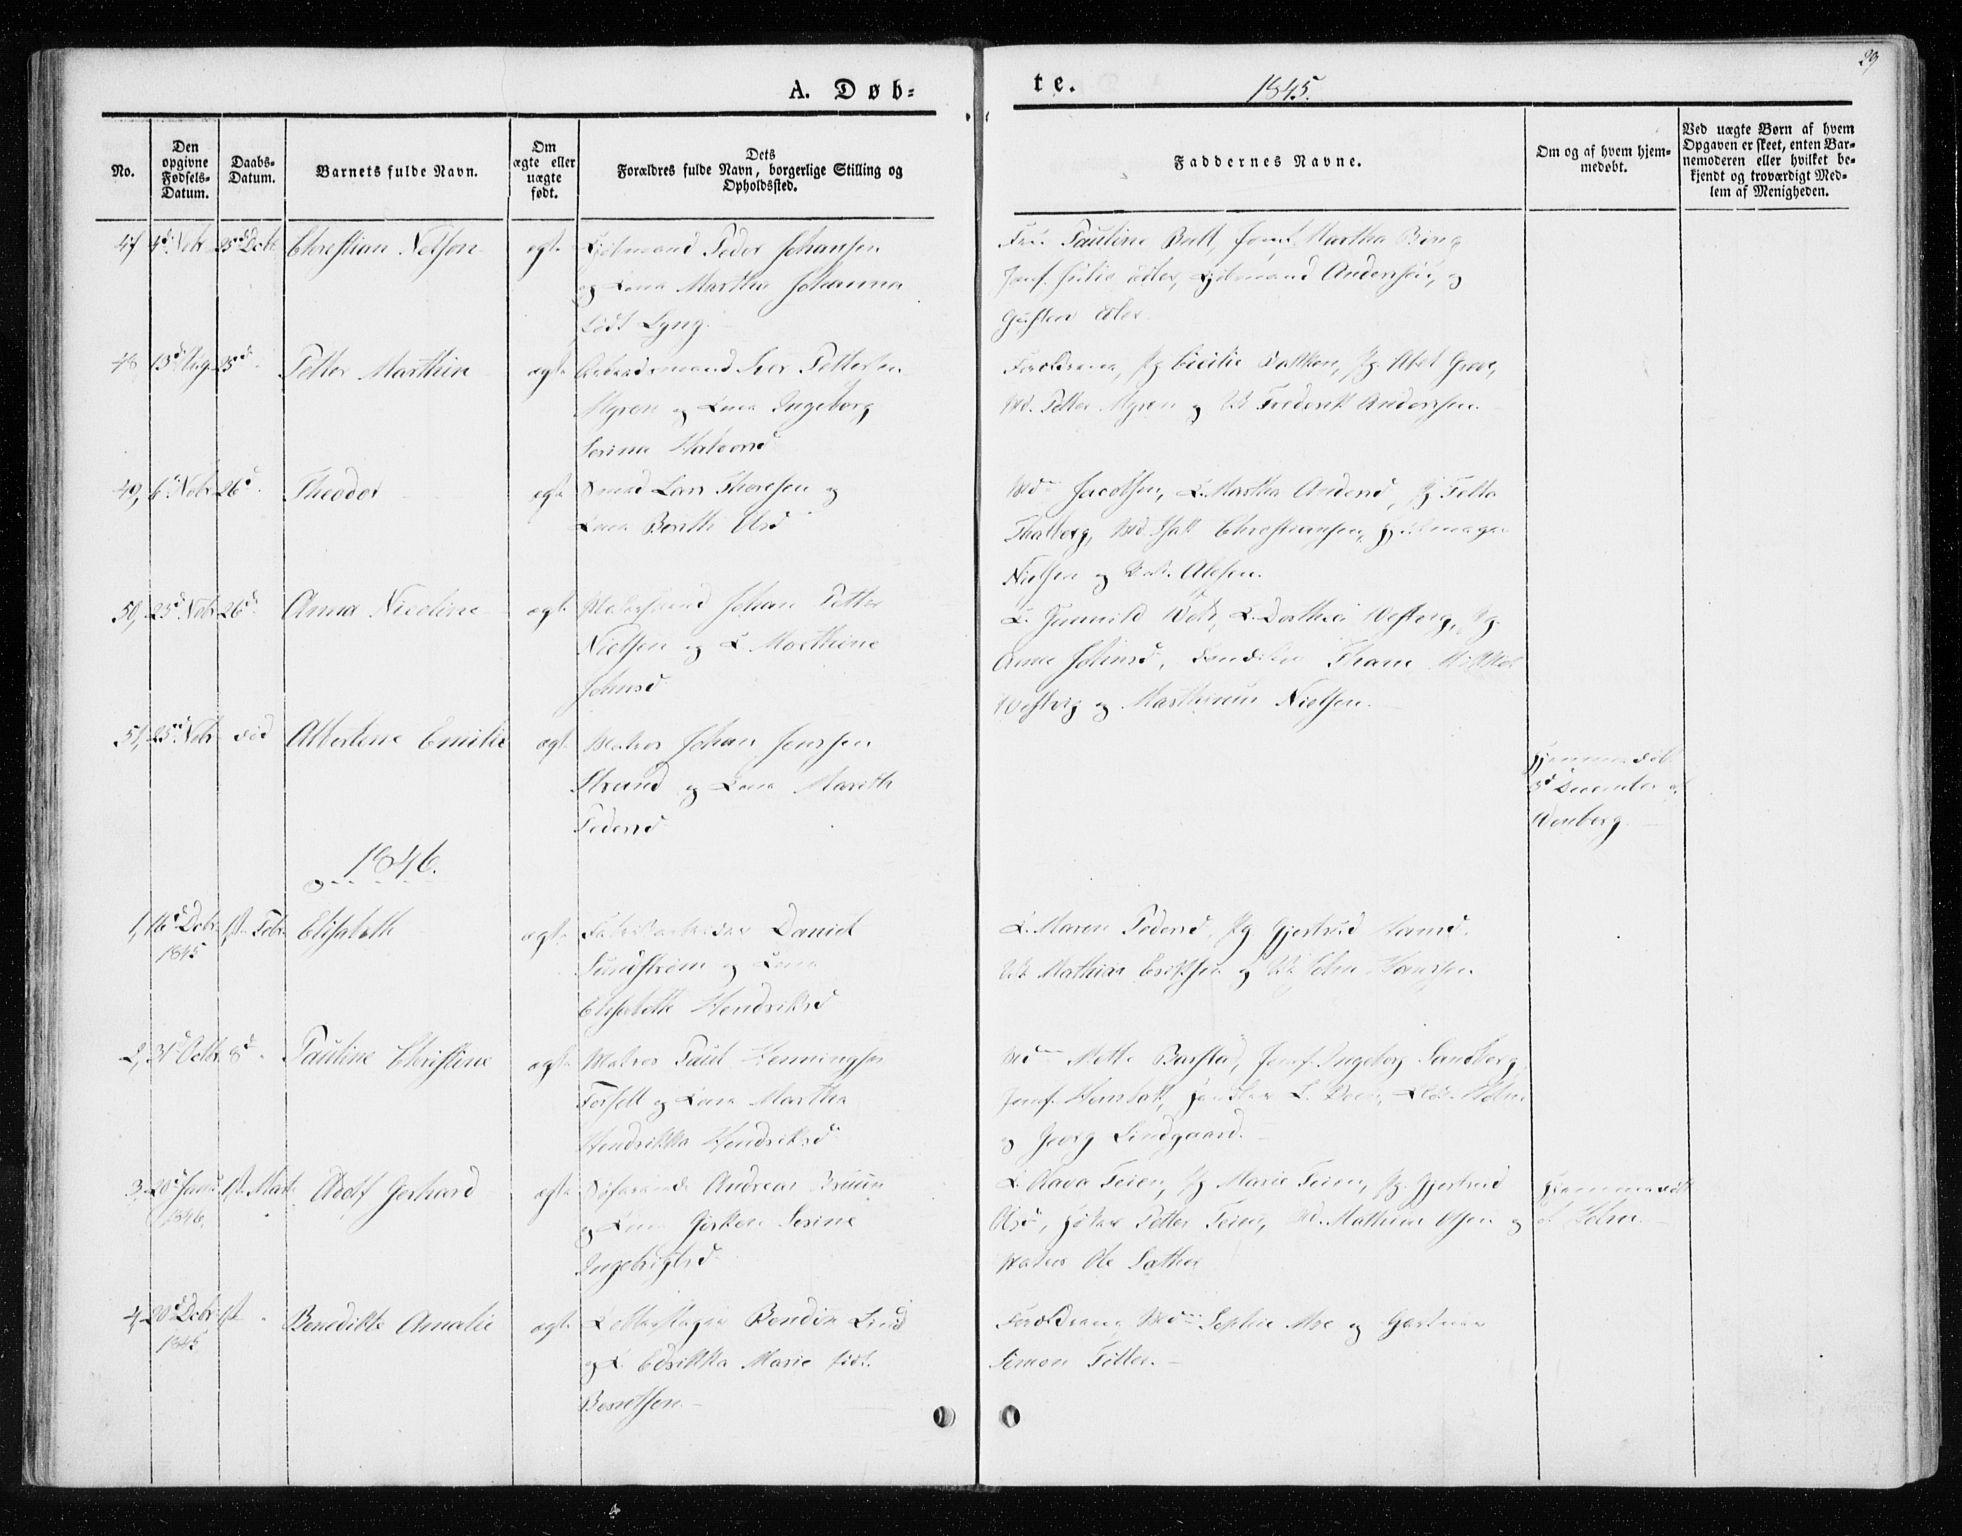 SAT, Ministerialprotokoller, klokkerbøker og fødselsregistre - Sør-Trøndelag, 604/L0183: Ministerialbok nr. 604A04, 1841-1850, s. 29